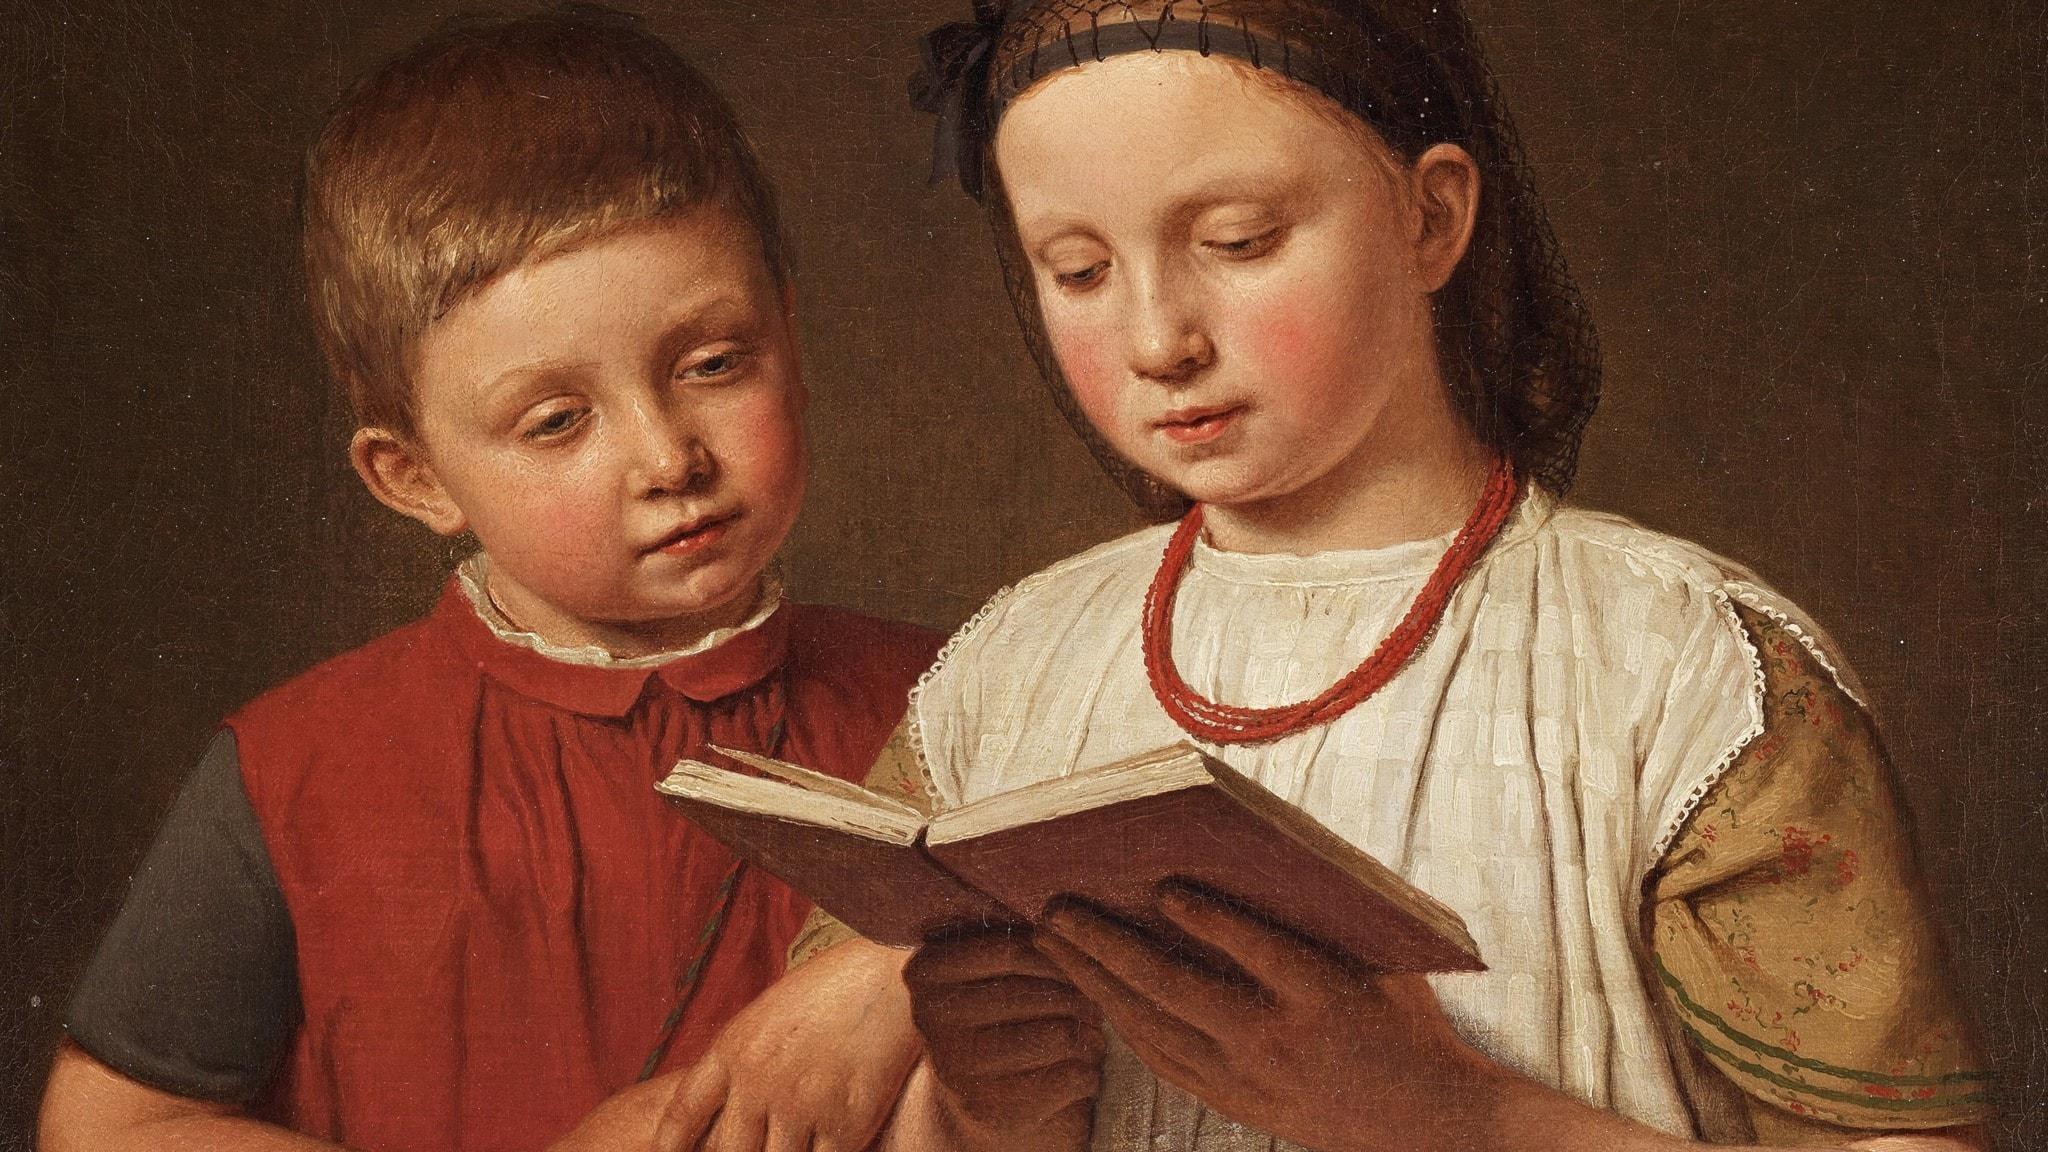 """Christen Købke: """"To læsende børn"""", 1845 (beskuren)"""